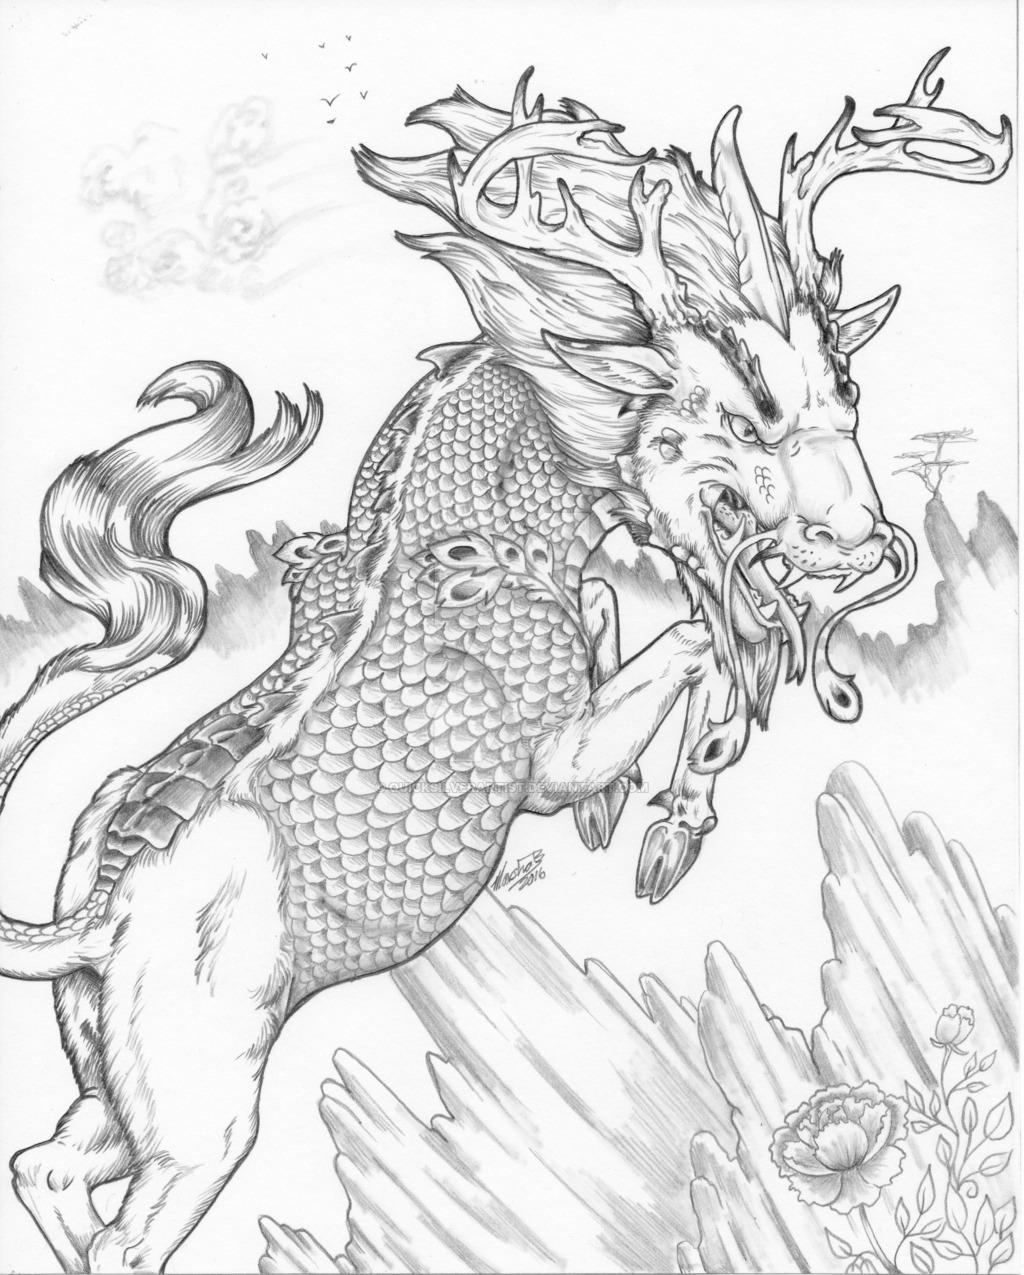 Drawn horns QuickSilverArtist by Type) (3 Kirin